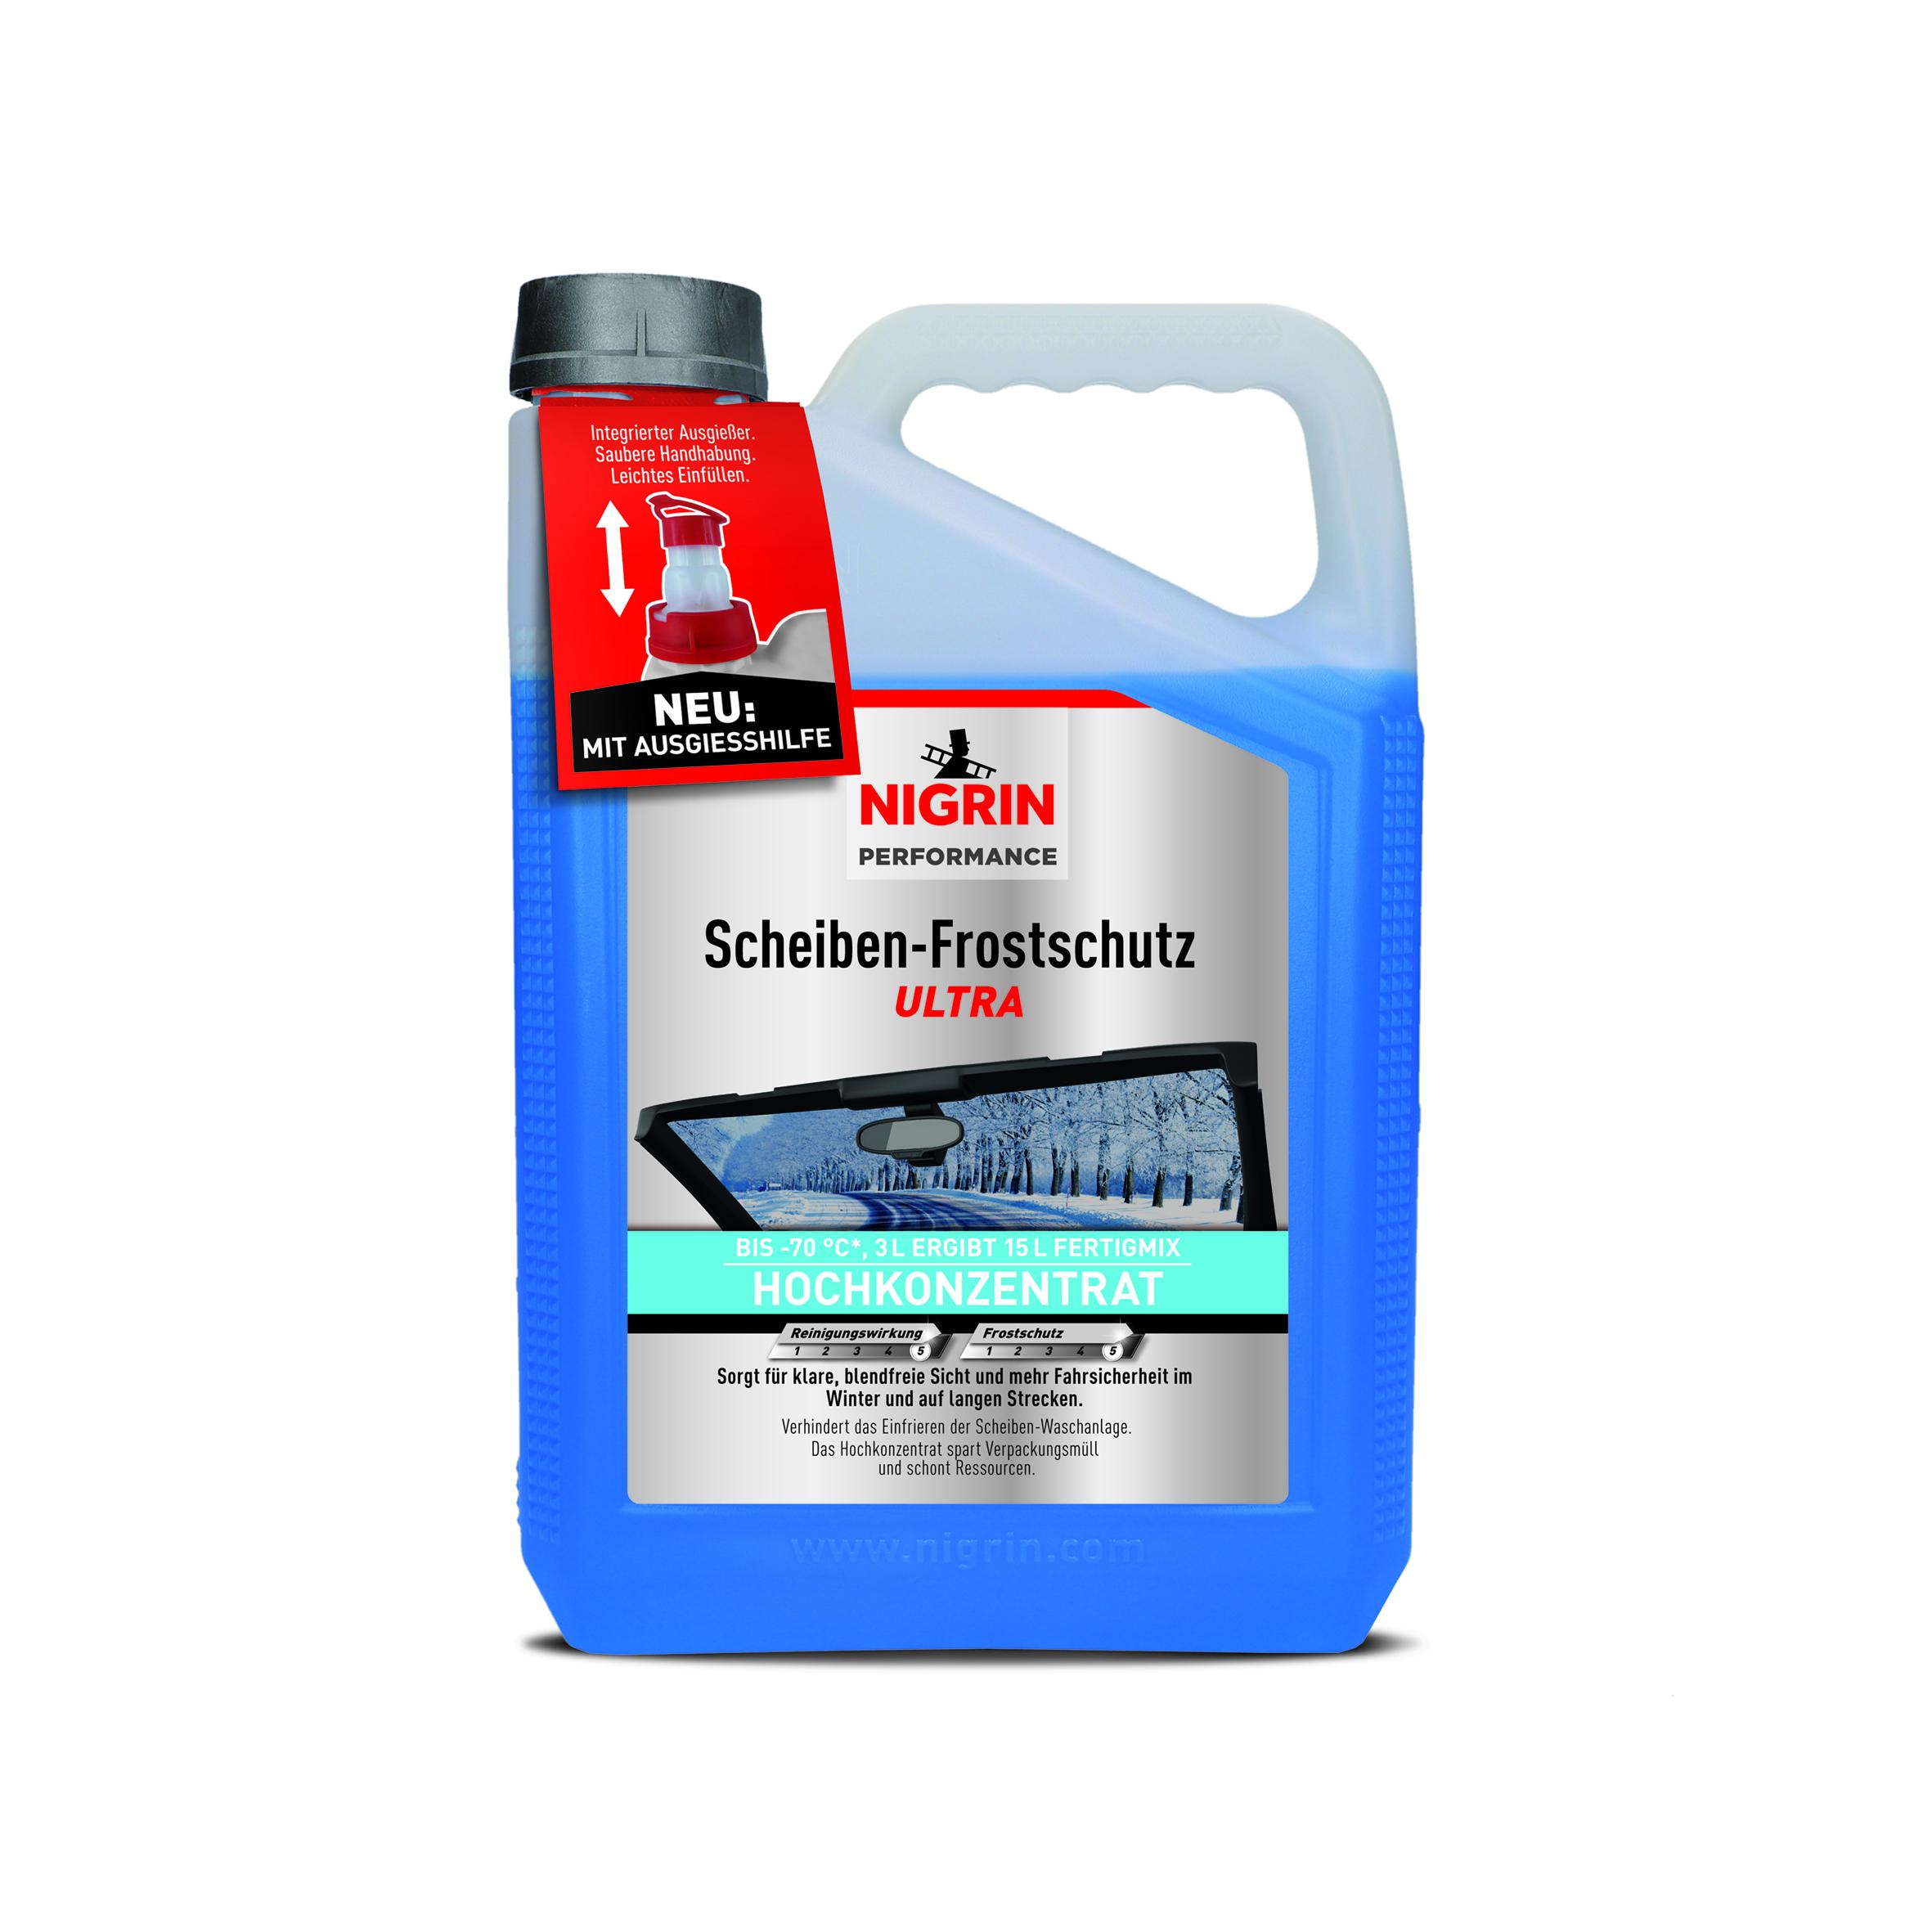 NIGRIN Performance Scheiben-Frostschutz Ultra -70°C 3 Liter